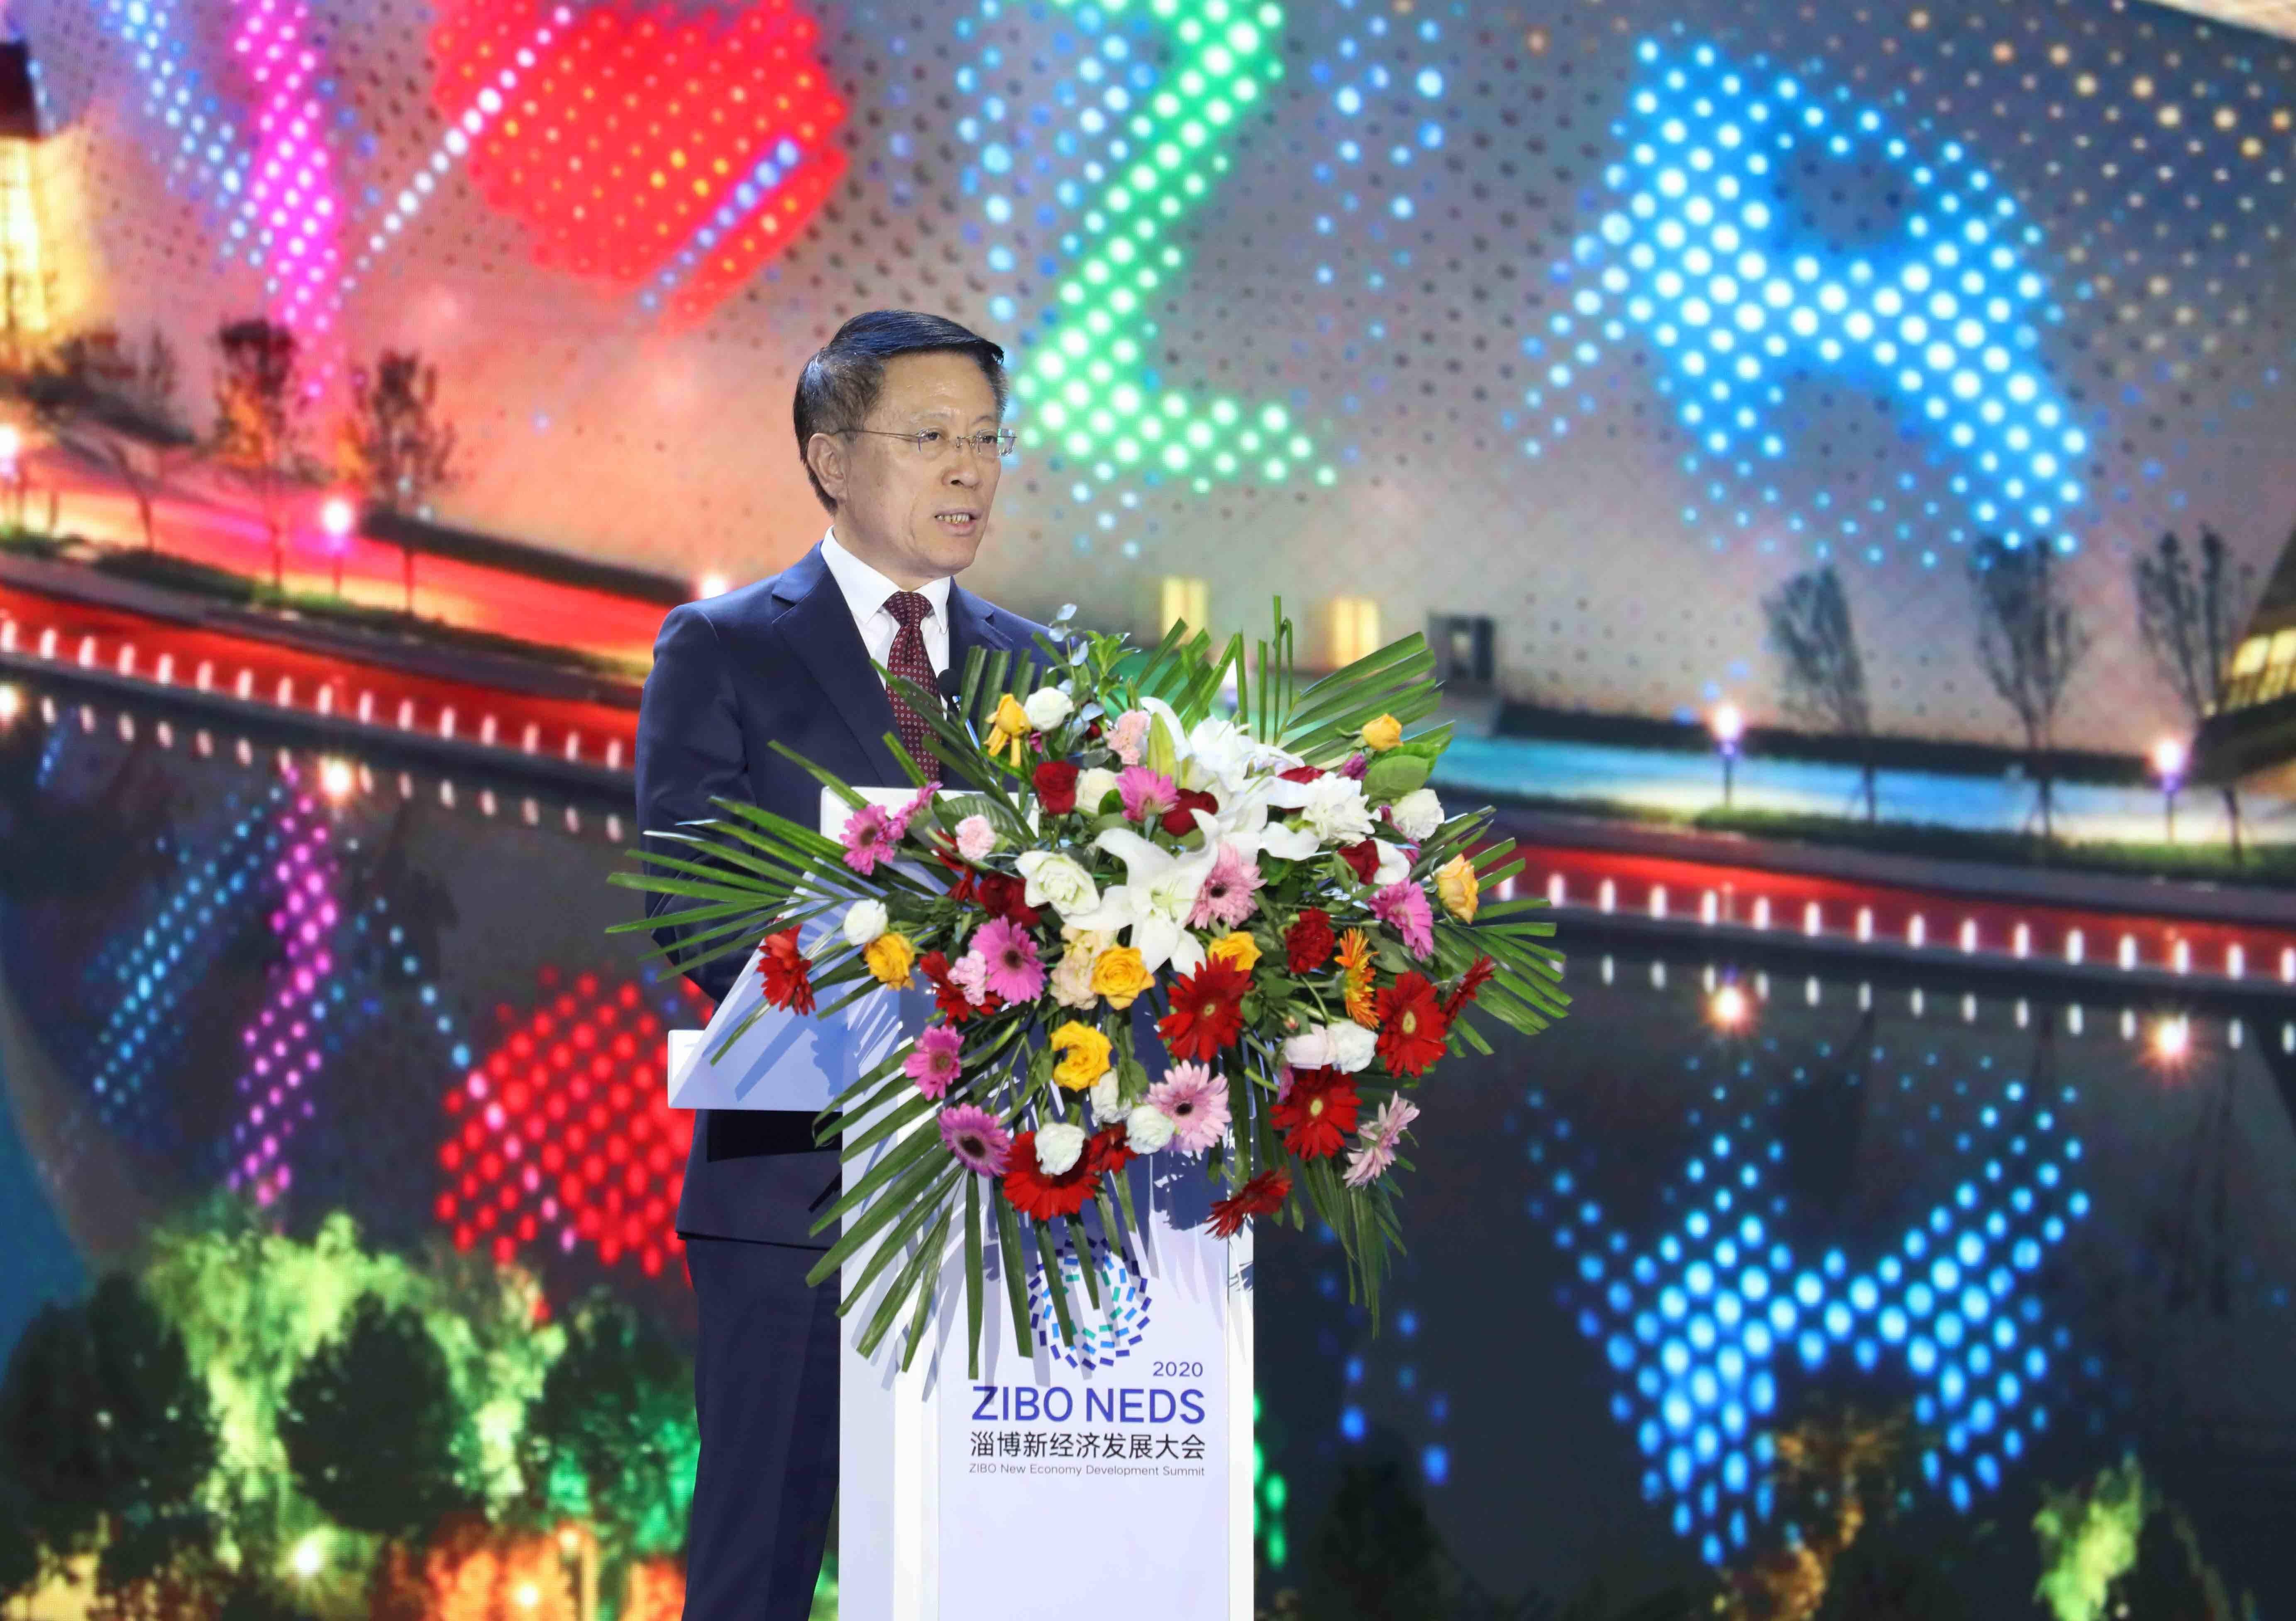 抢滩新经济 拥抱新经济 进军新经济 淄博发出最强音